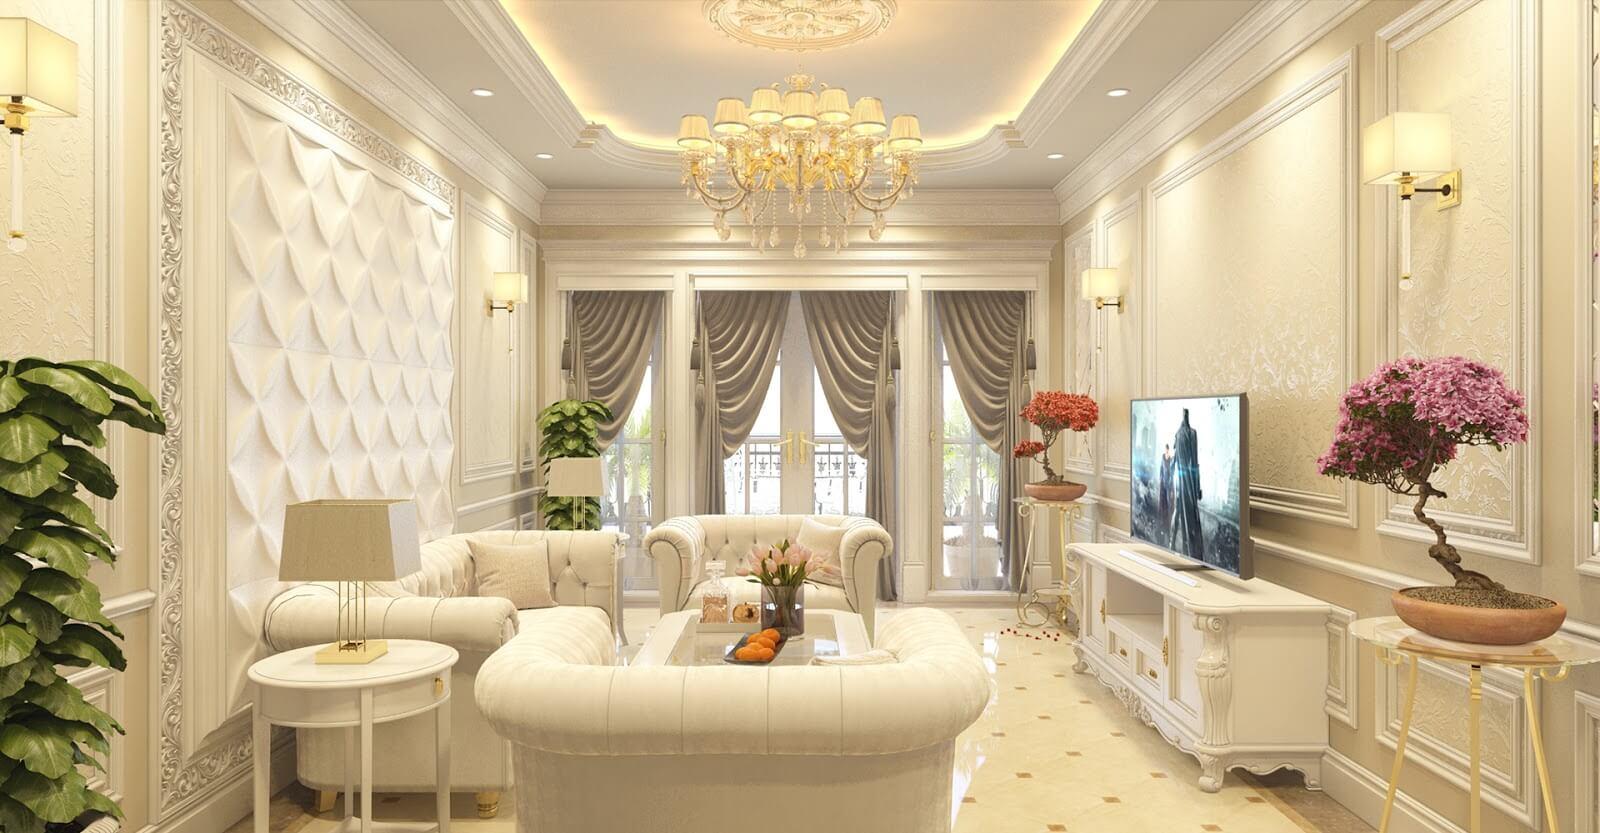 Phong cách thiết kế nội thất tân cổ điển - Housedesign